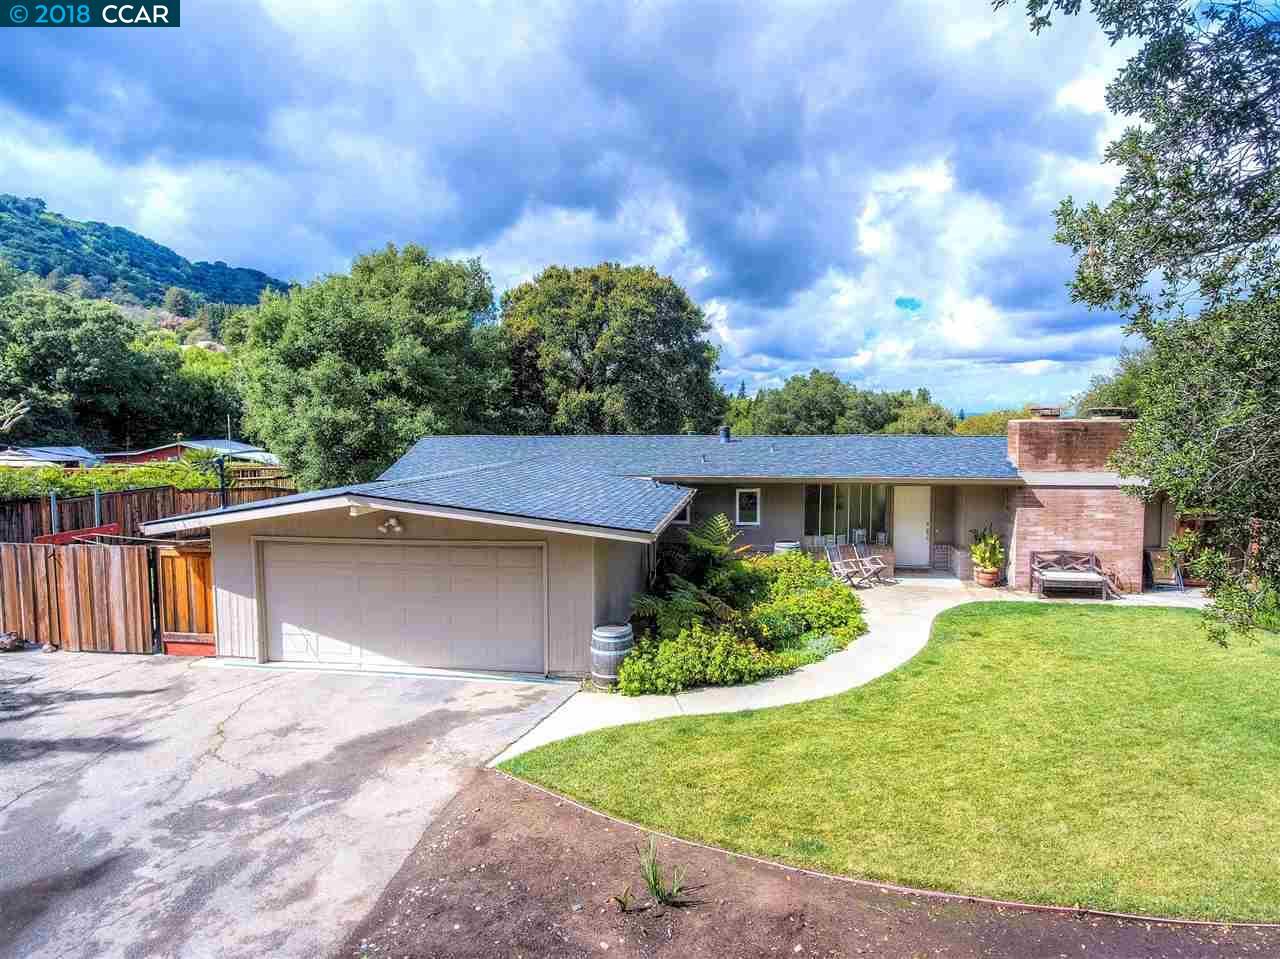 獨棟家庭住宅 為 出售 在 524 Highland Drive 524 Highland Drive Danville, 加利福尼亞州 94526 美國